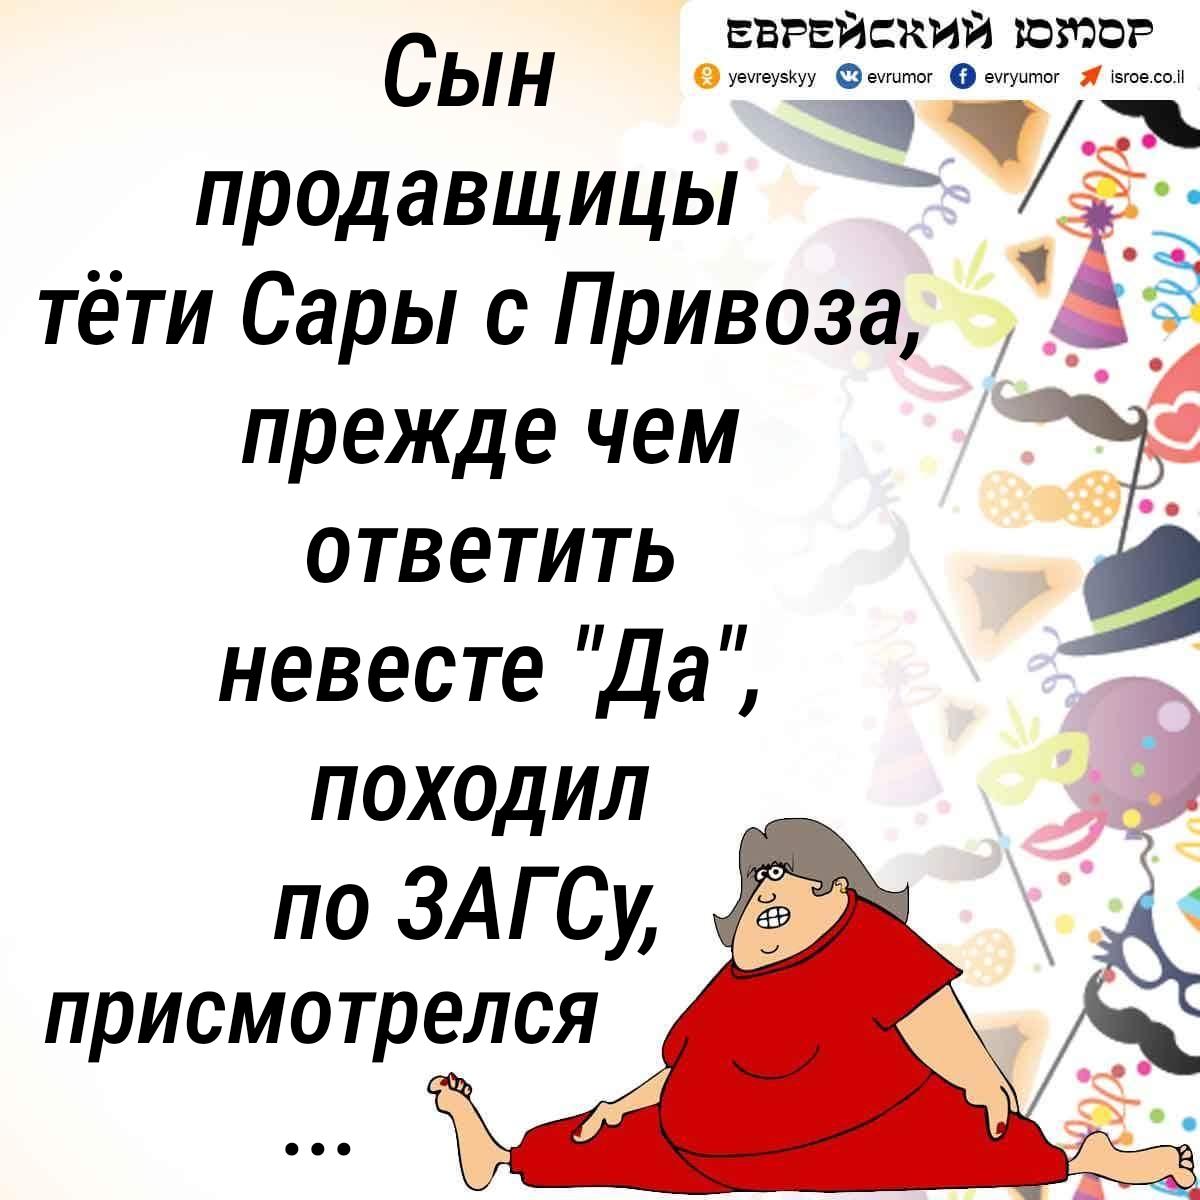 Еврейский юмор. Одесский анекдот. Свадьба